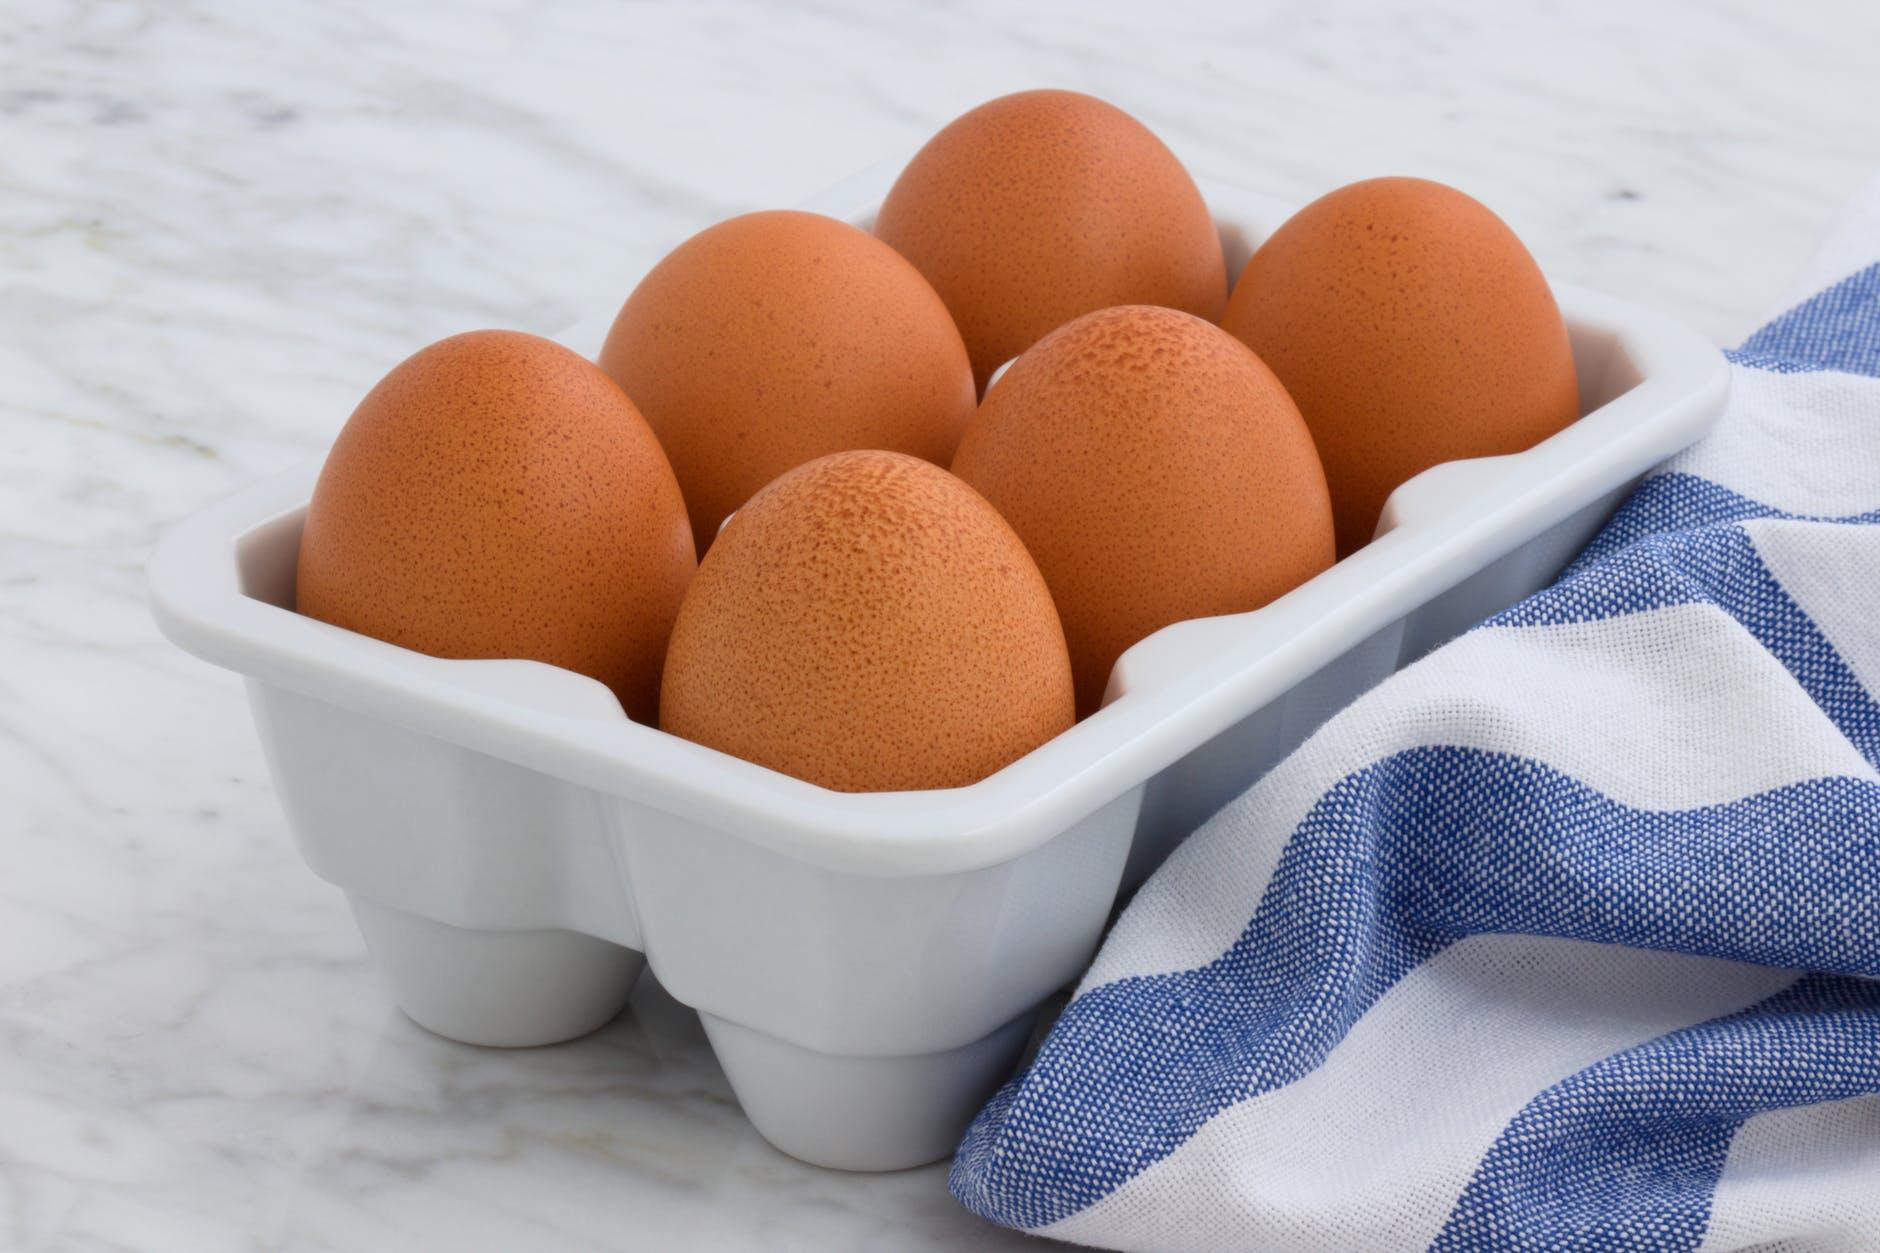 Egg Share